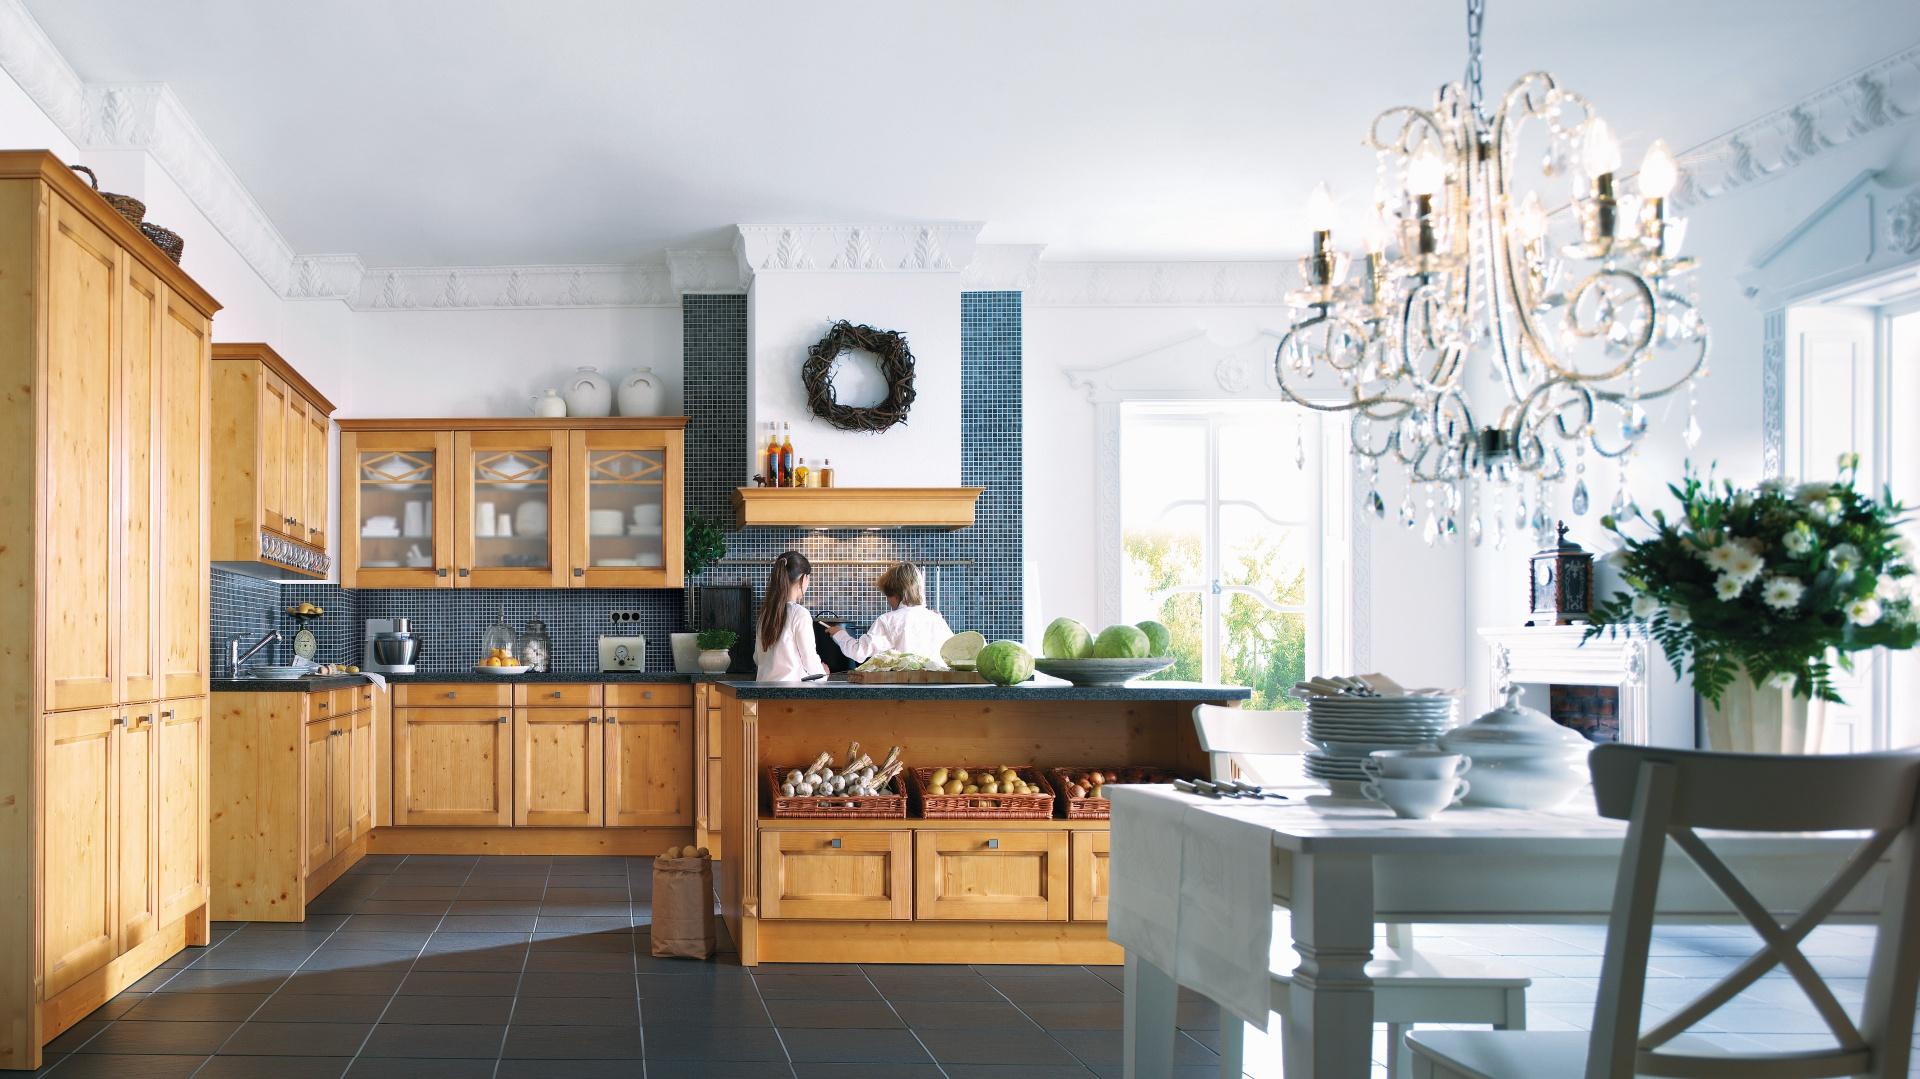 klasyczna kuchnia w kolorze przytulna kuchnia postaw na meble w kolorze drewna strona 4. Black Bedroom Furniture Sets. Home Design Ideas